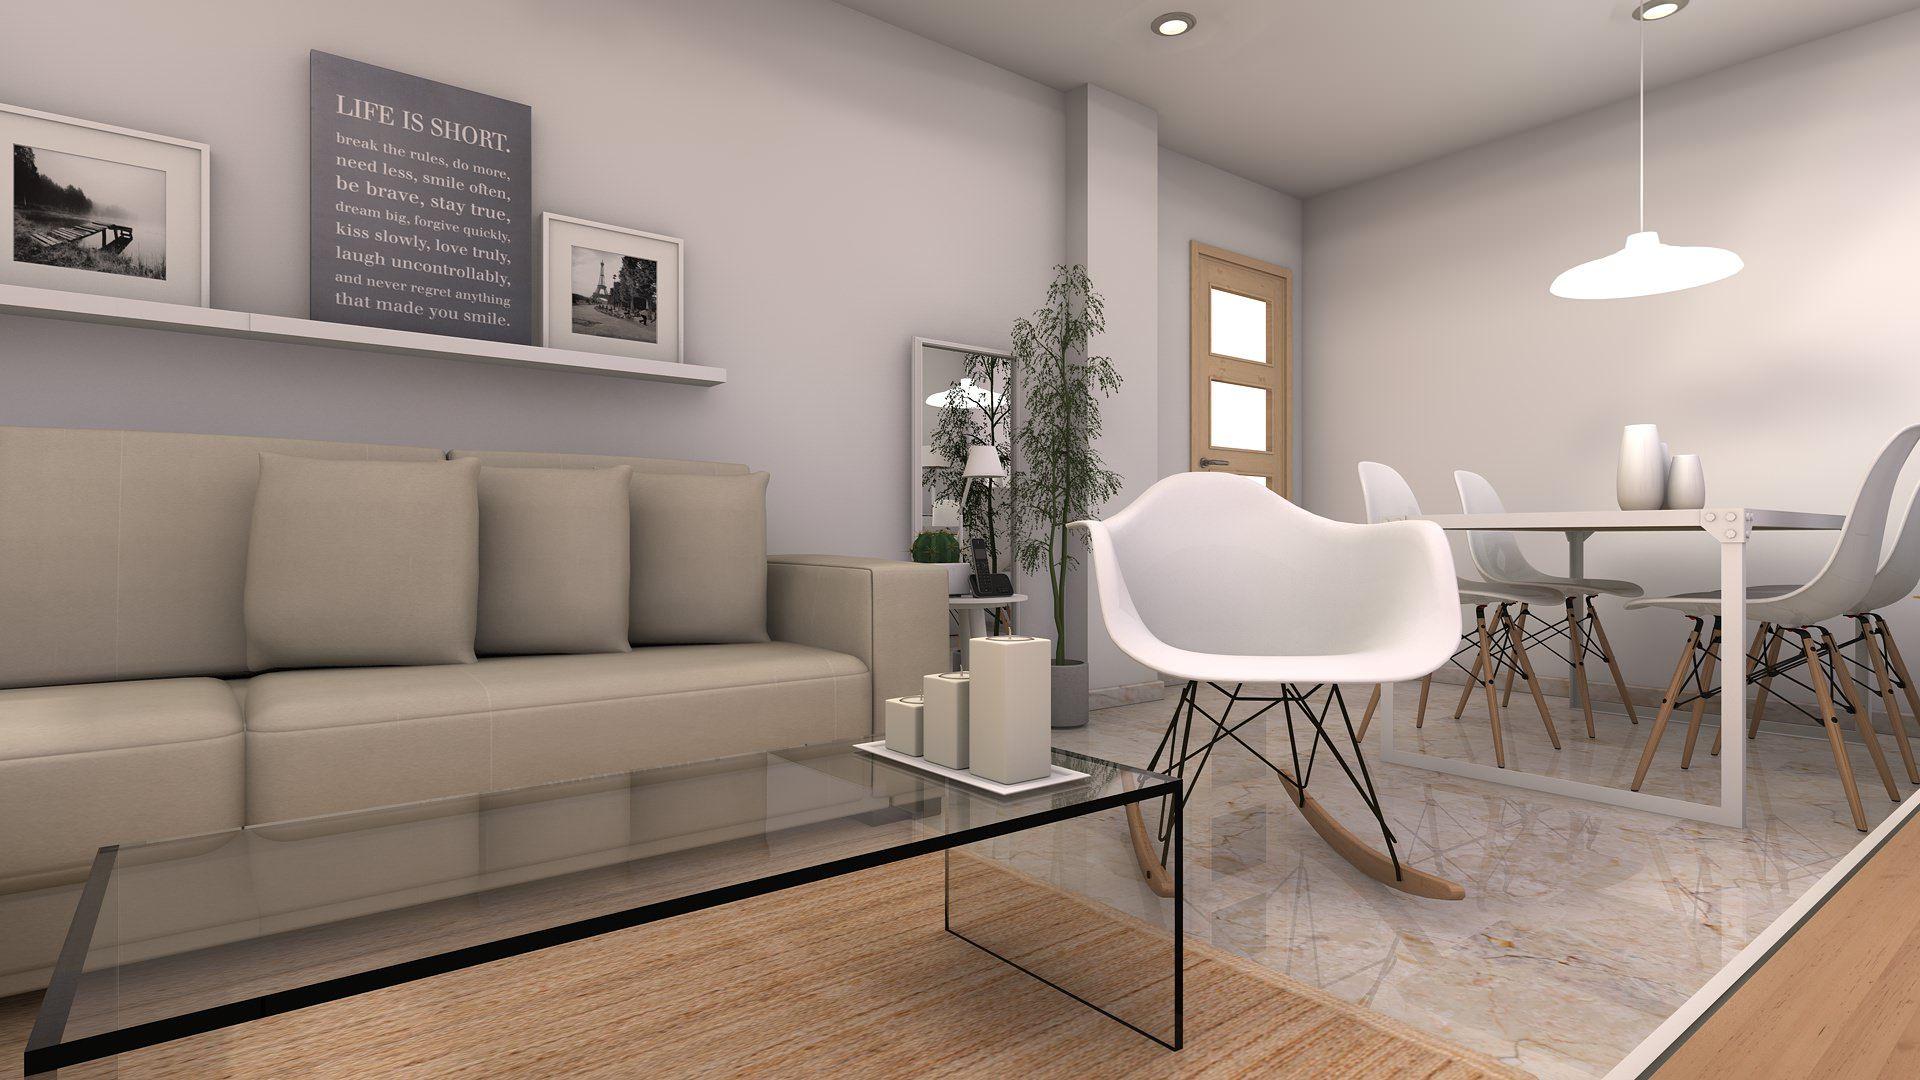 Comedores baratos y elegantes que nos den estilo for Muebles nordicos economicos